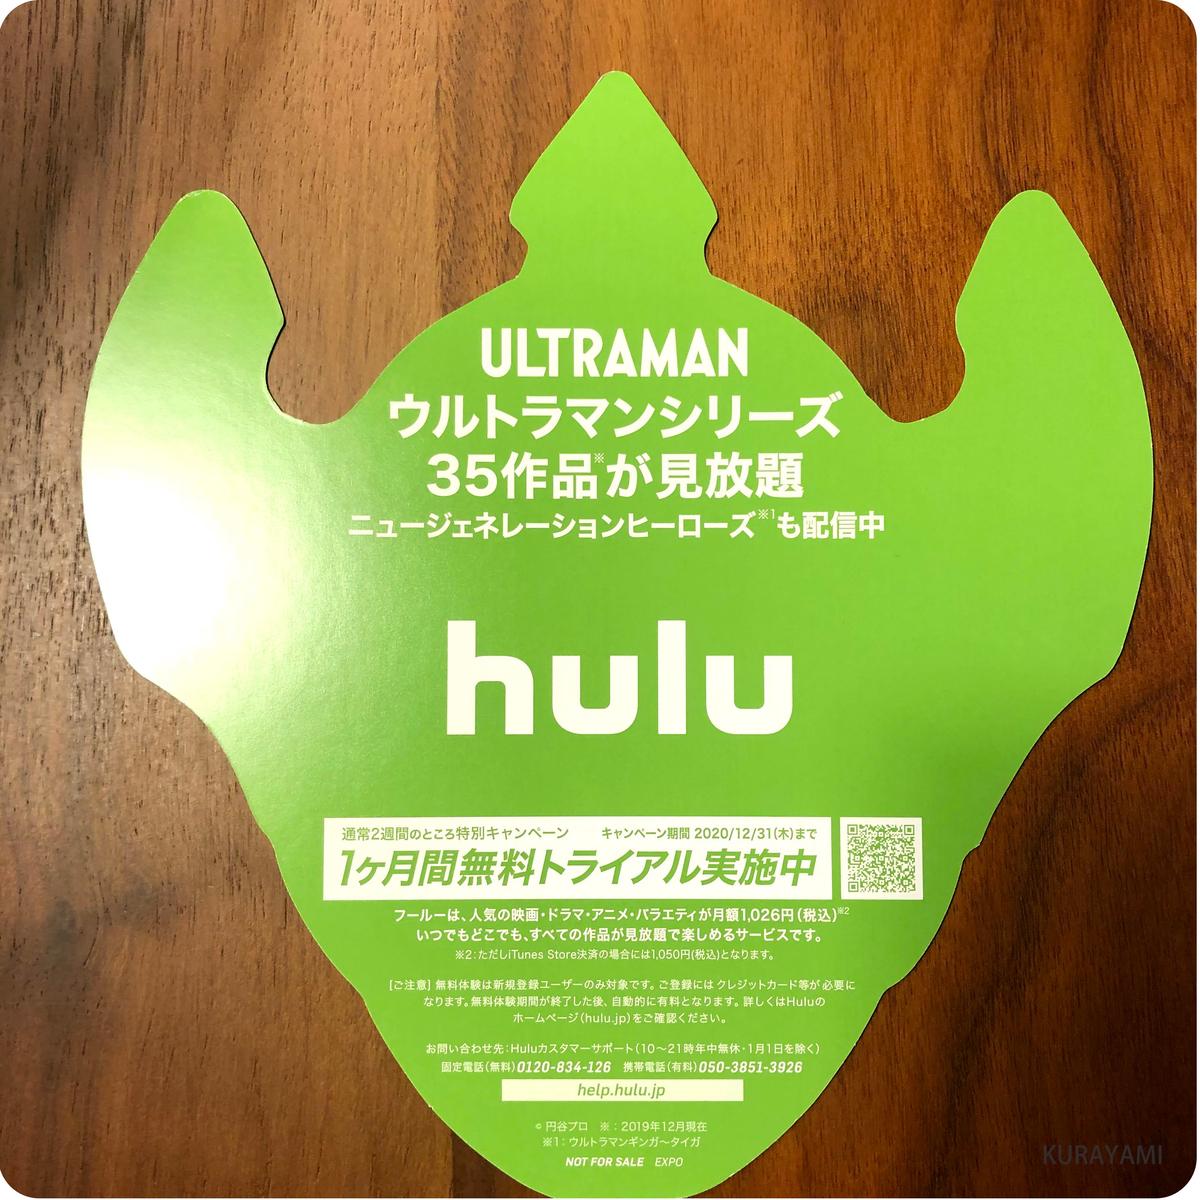 ウルトラマンジードまとめブログ hulu 動画配信